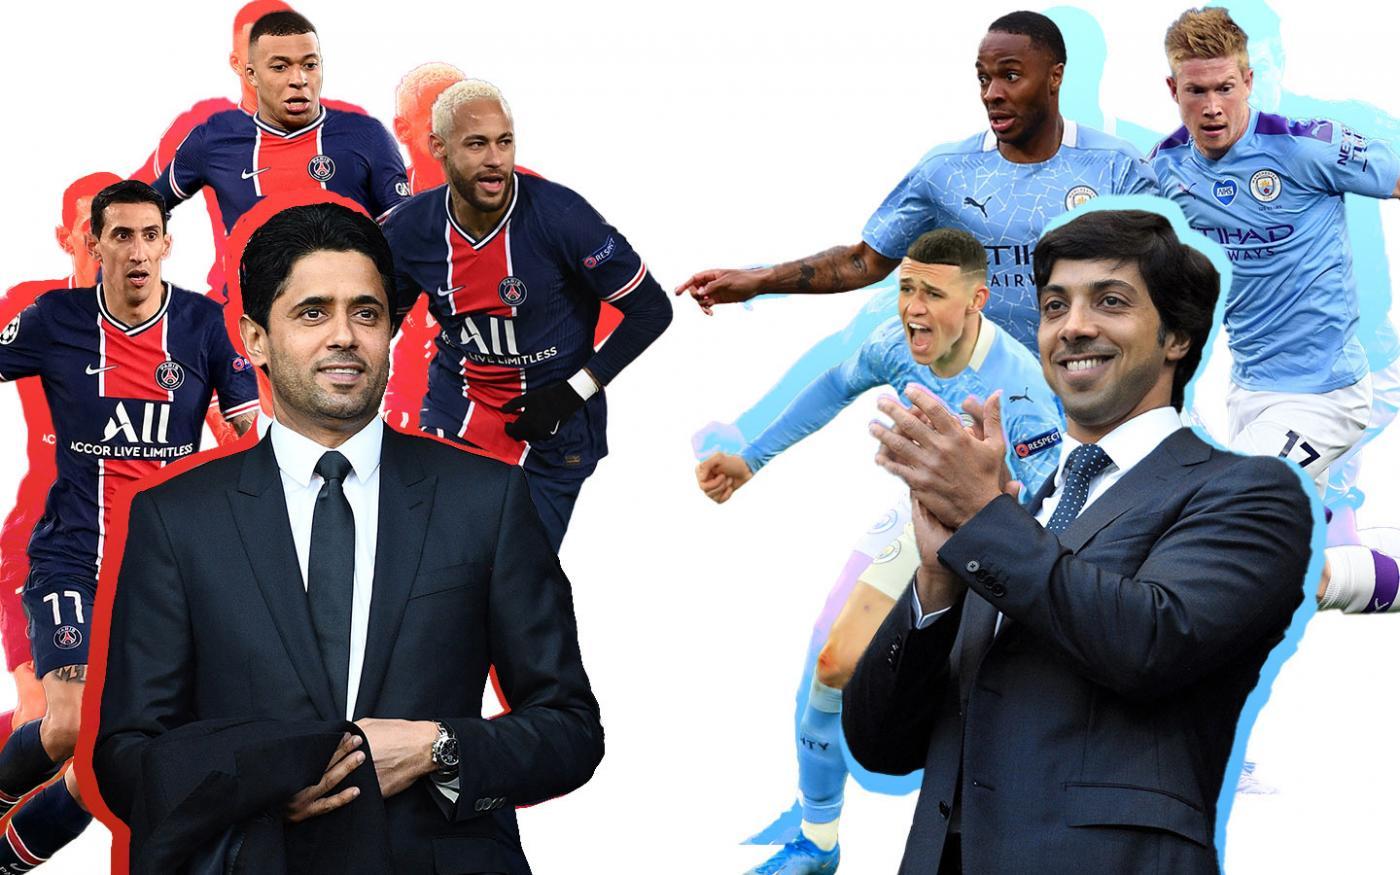 Nhận định bóng đá Cúp C1: PSG vs Man City rạng sáng 28/04